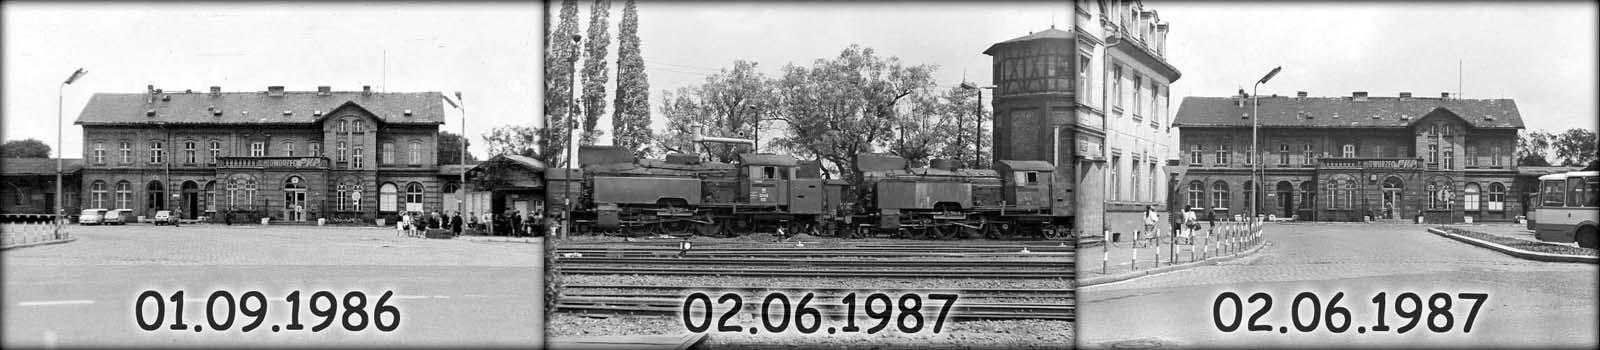 Zdjęcia dworca po roku, ukazują zamienione zegary.